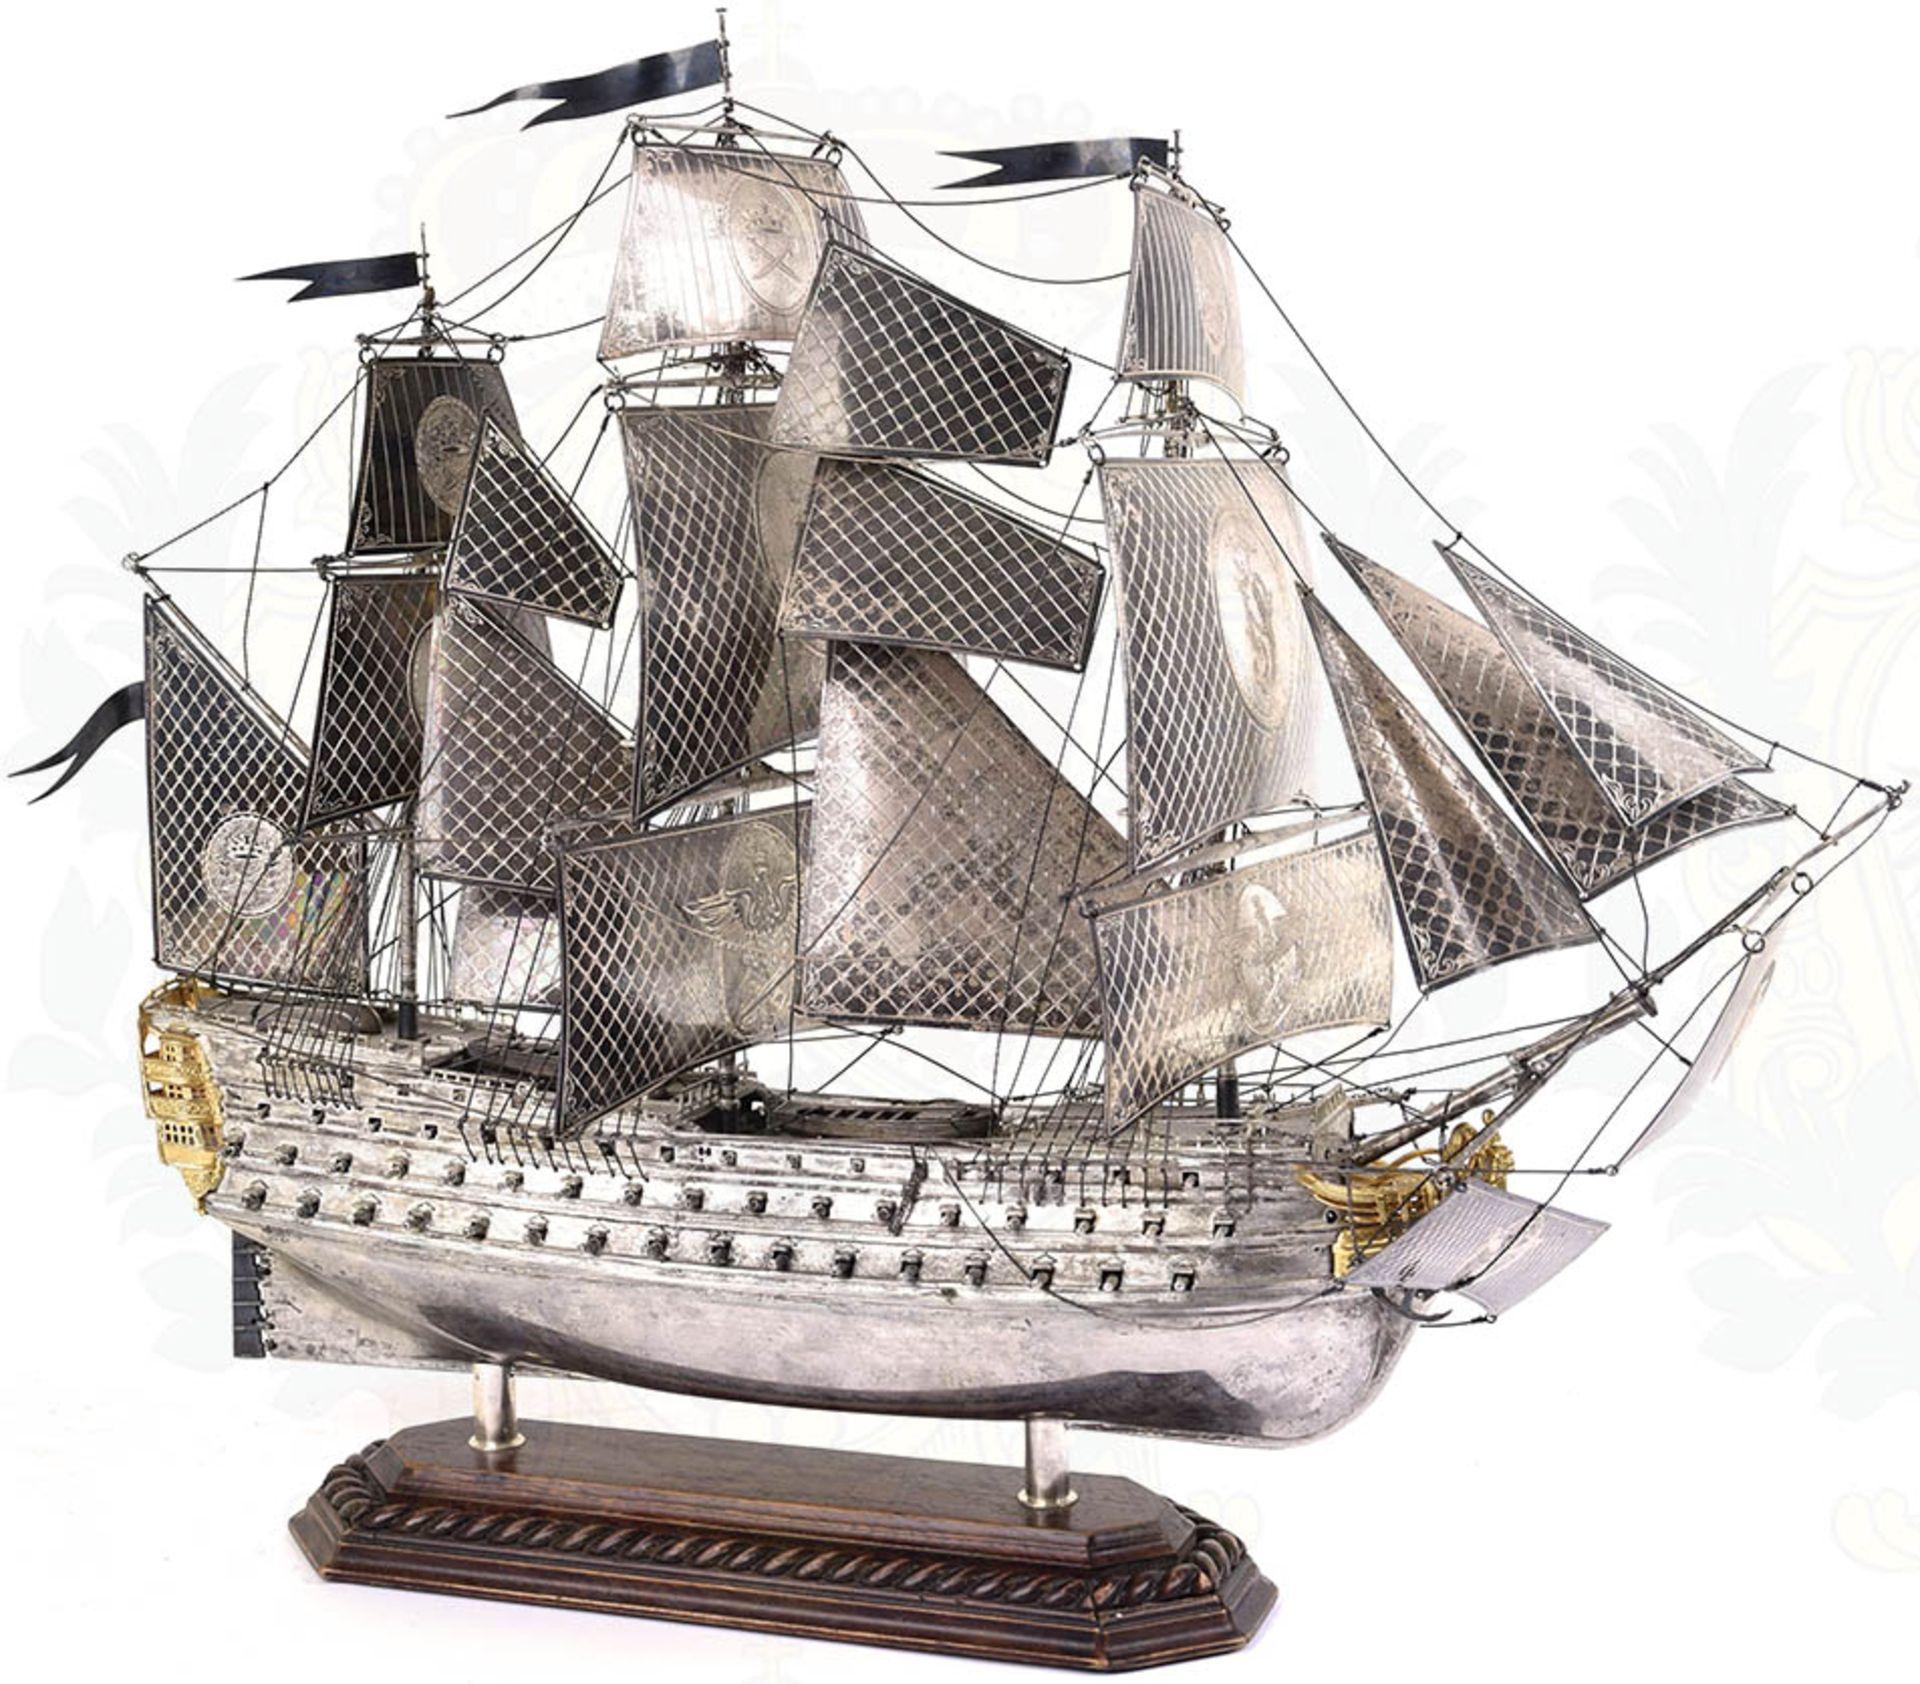 MODELL-LINIENSCHIFF, Dreidecker-Segellinienschiff der 2. Hälfte des 18. Jhd. mit 100 Kanonen, - Bild 11 aus 15